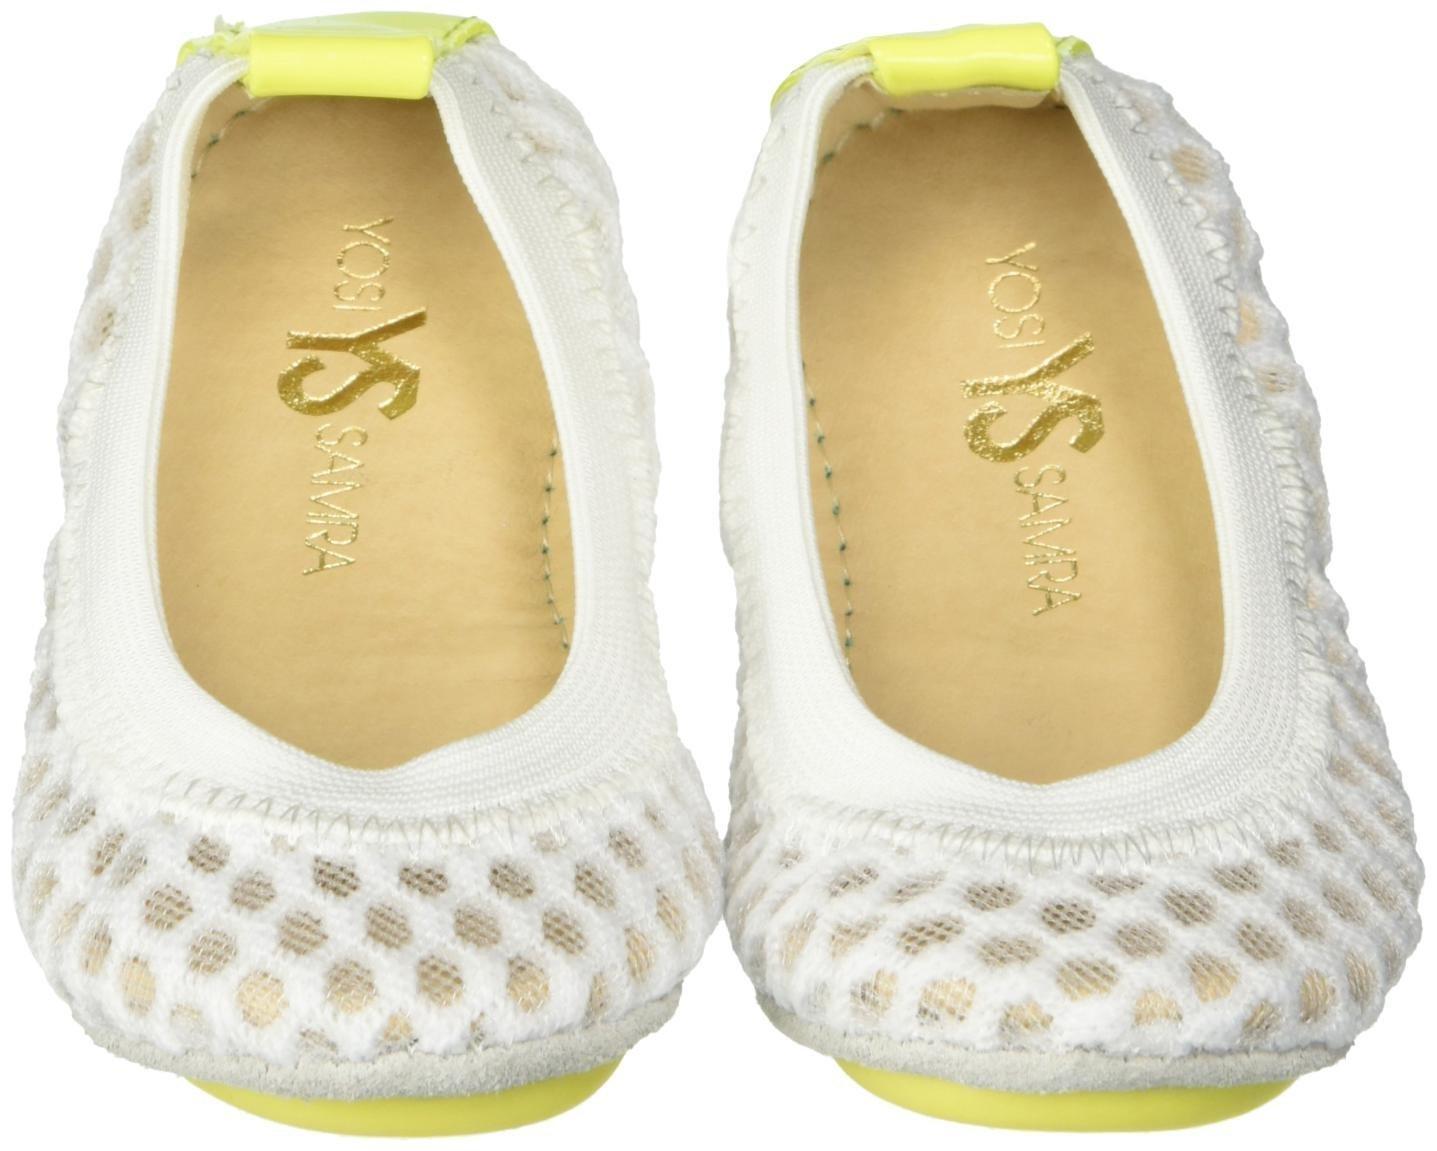 Yosi Samra Girls Sammie 3D Waffle Mesh Slip on Ballet Flat (Toddler), White/Citron, 9 M US Toddler